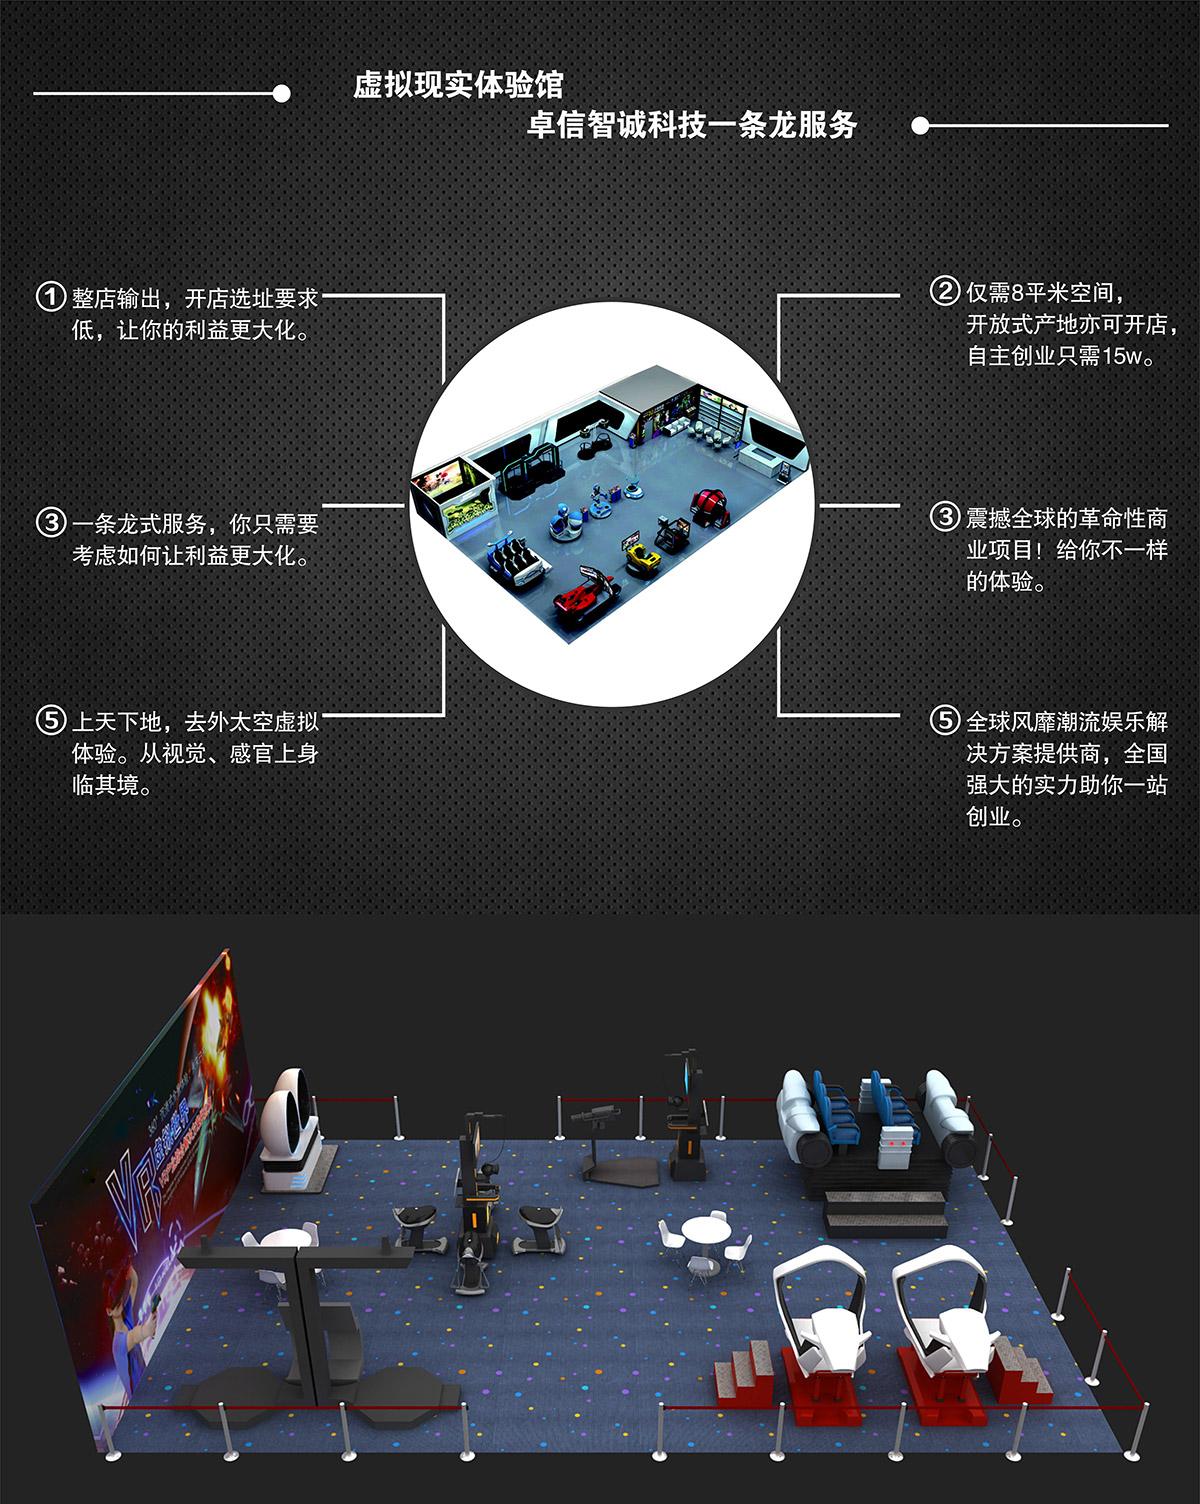 安全体验虚拟现实体验馆科技一条龙服务.jpg